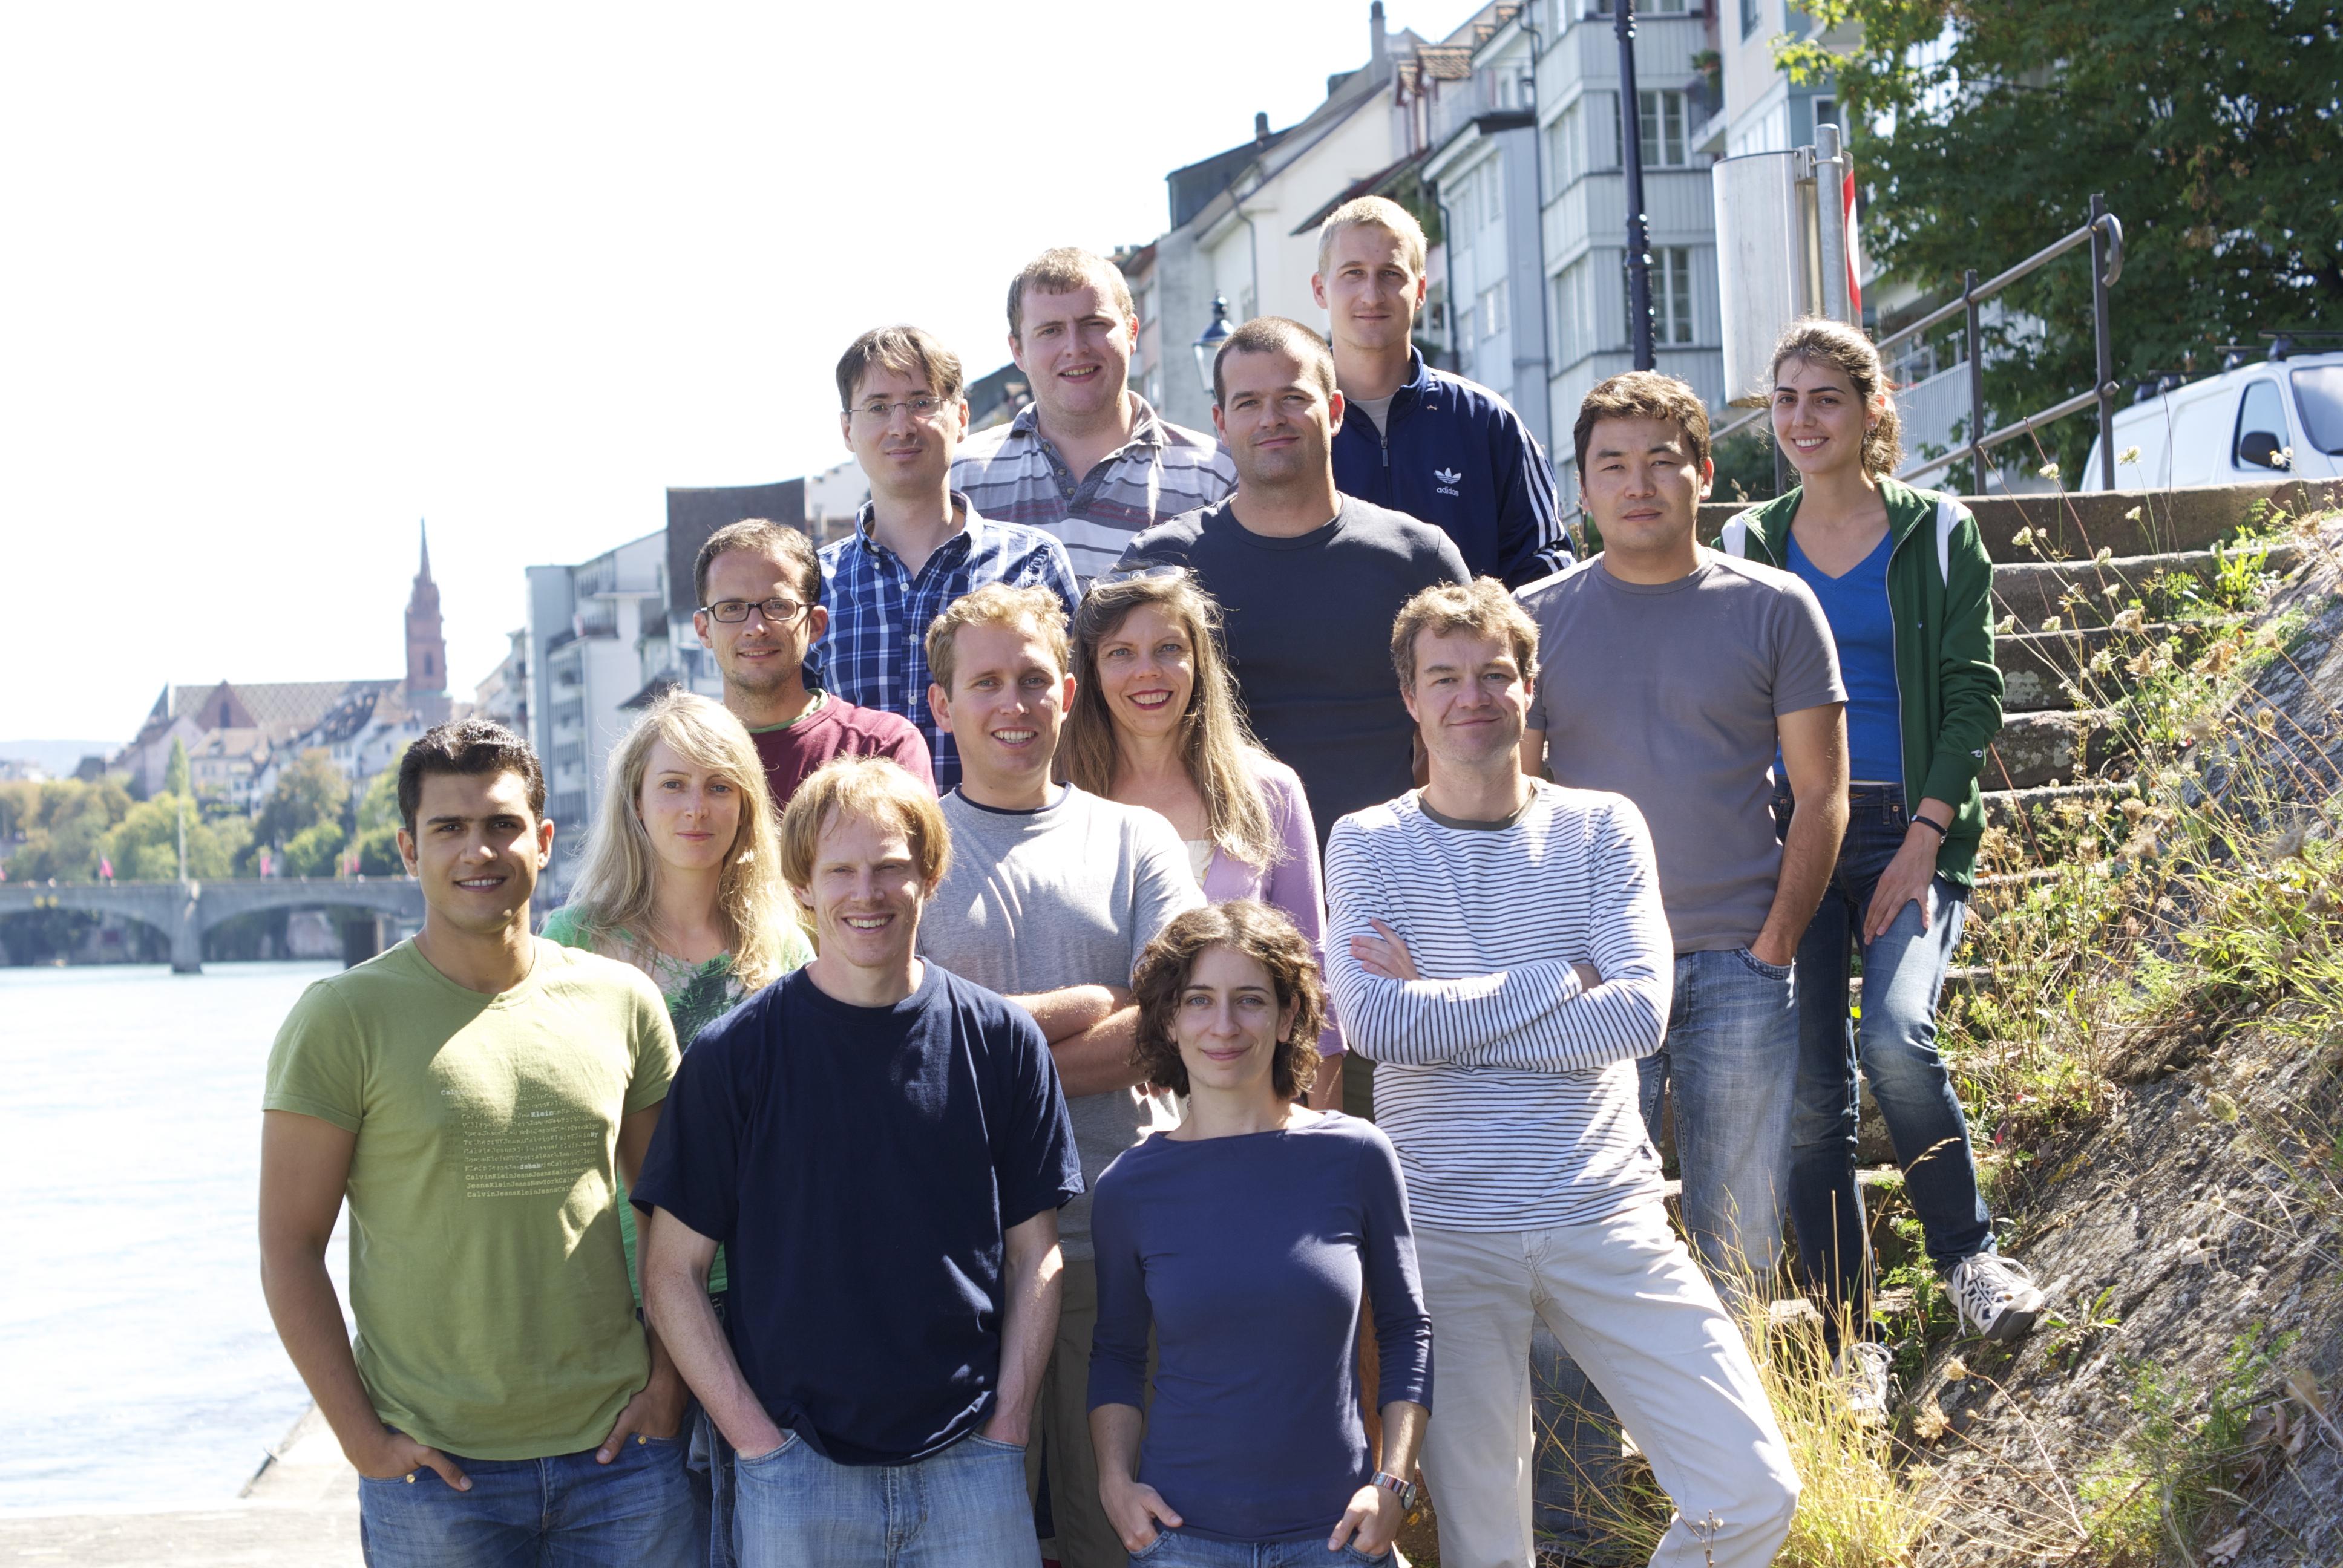 newgroup1